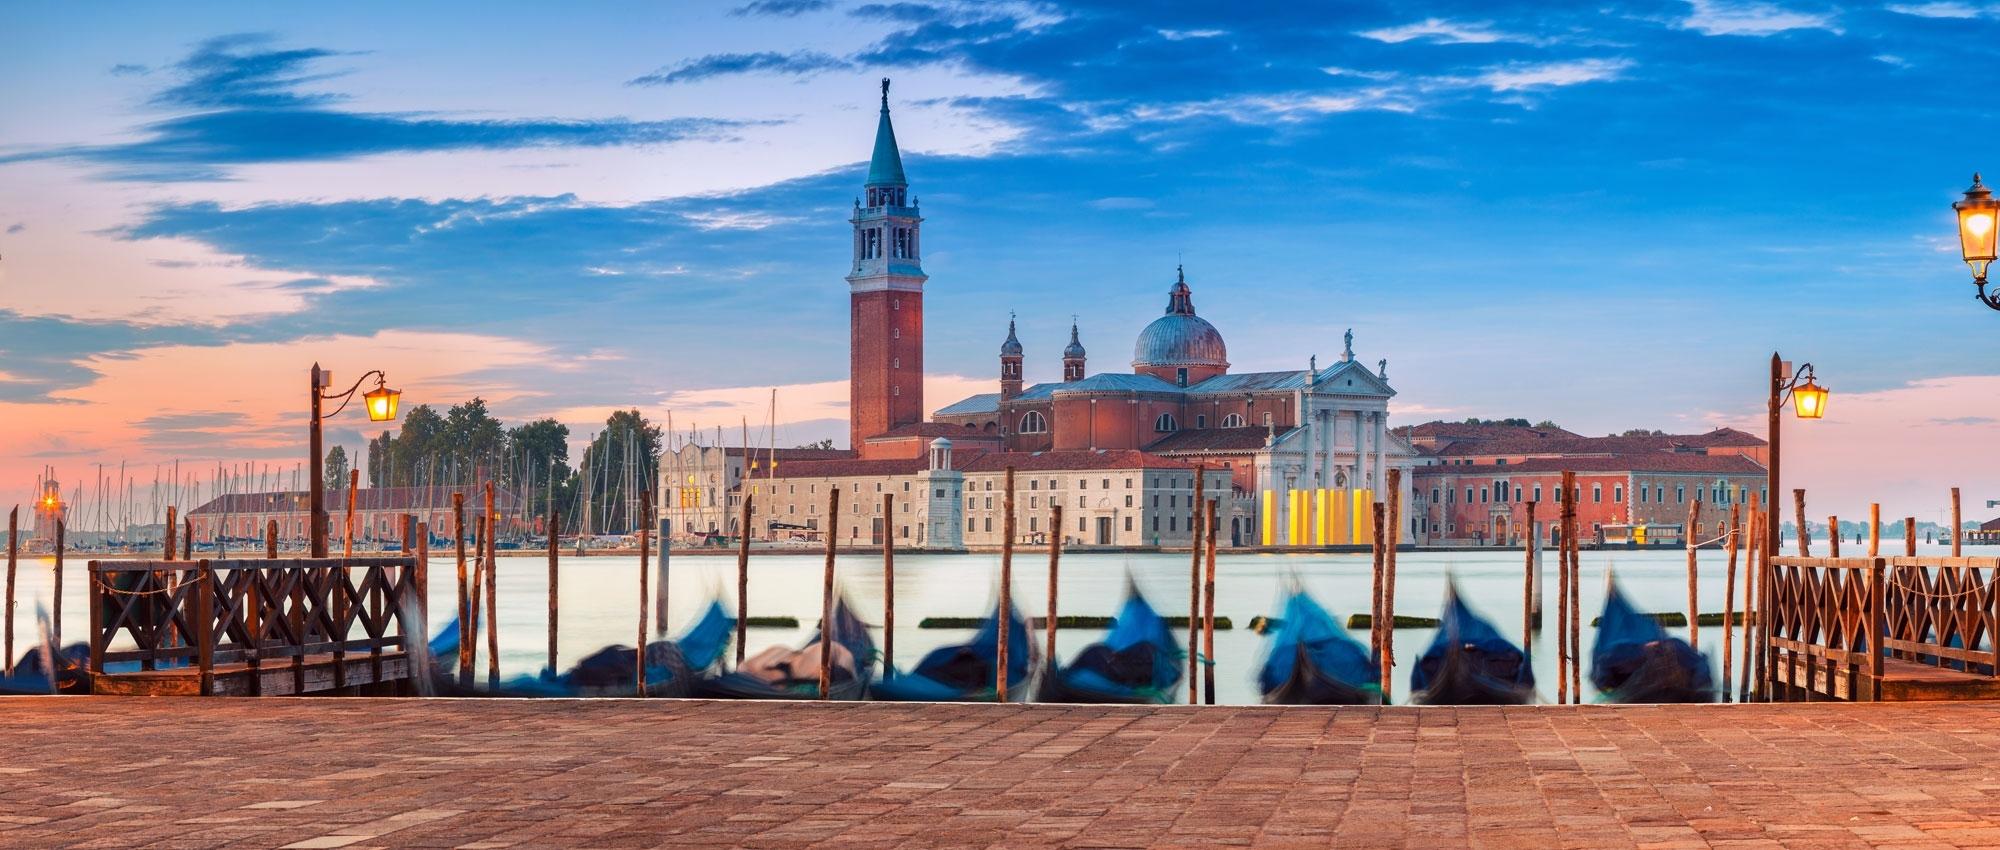 Noleggio Mercedes-Benz a Venezia